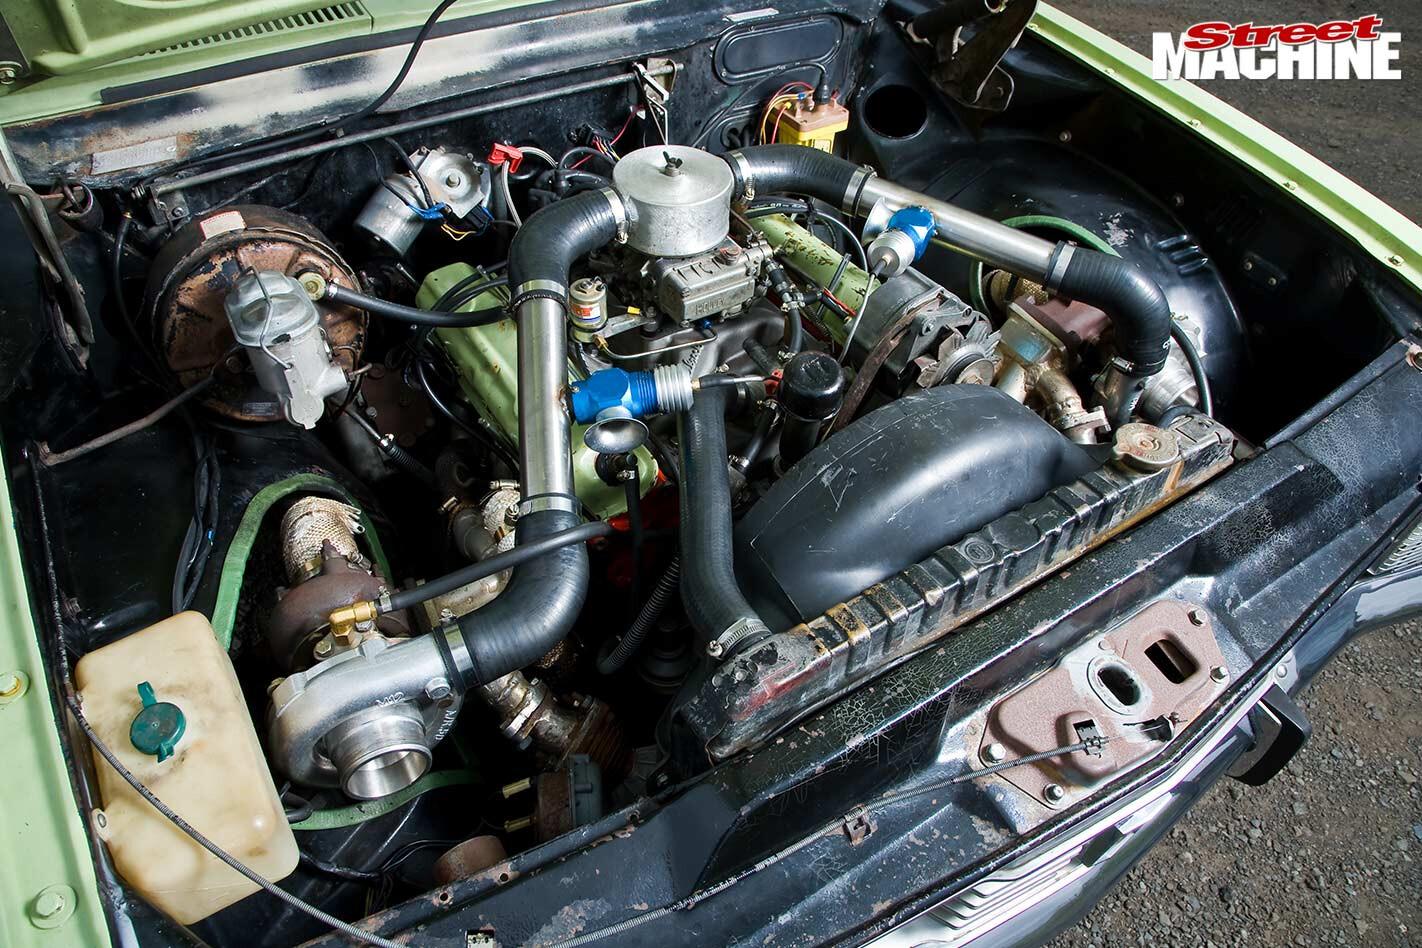 Holden HT Kingswood engine bay